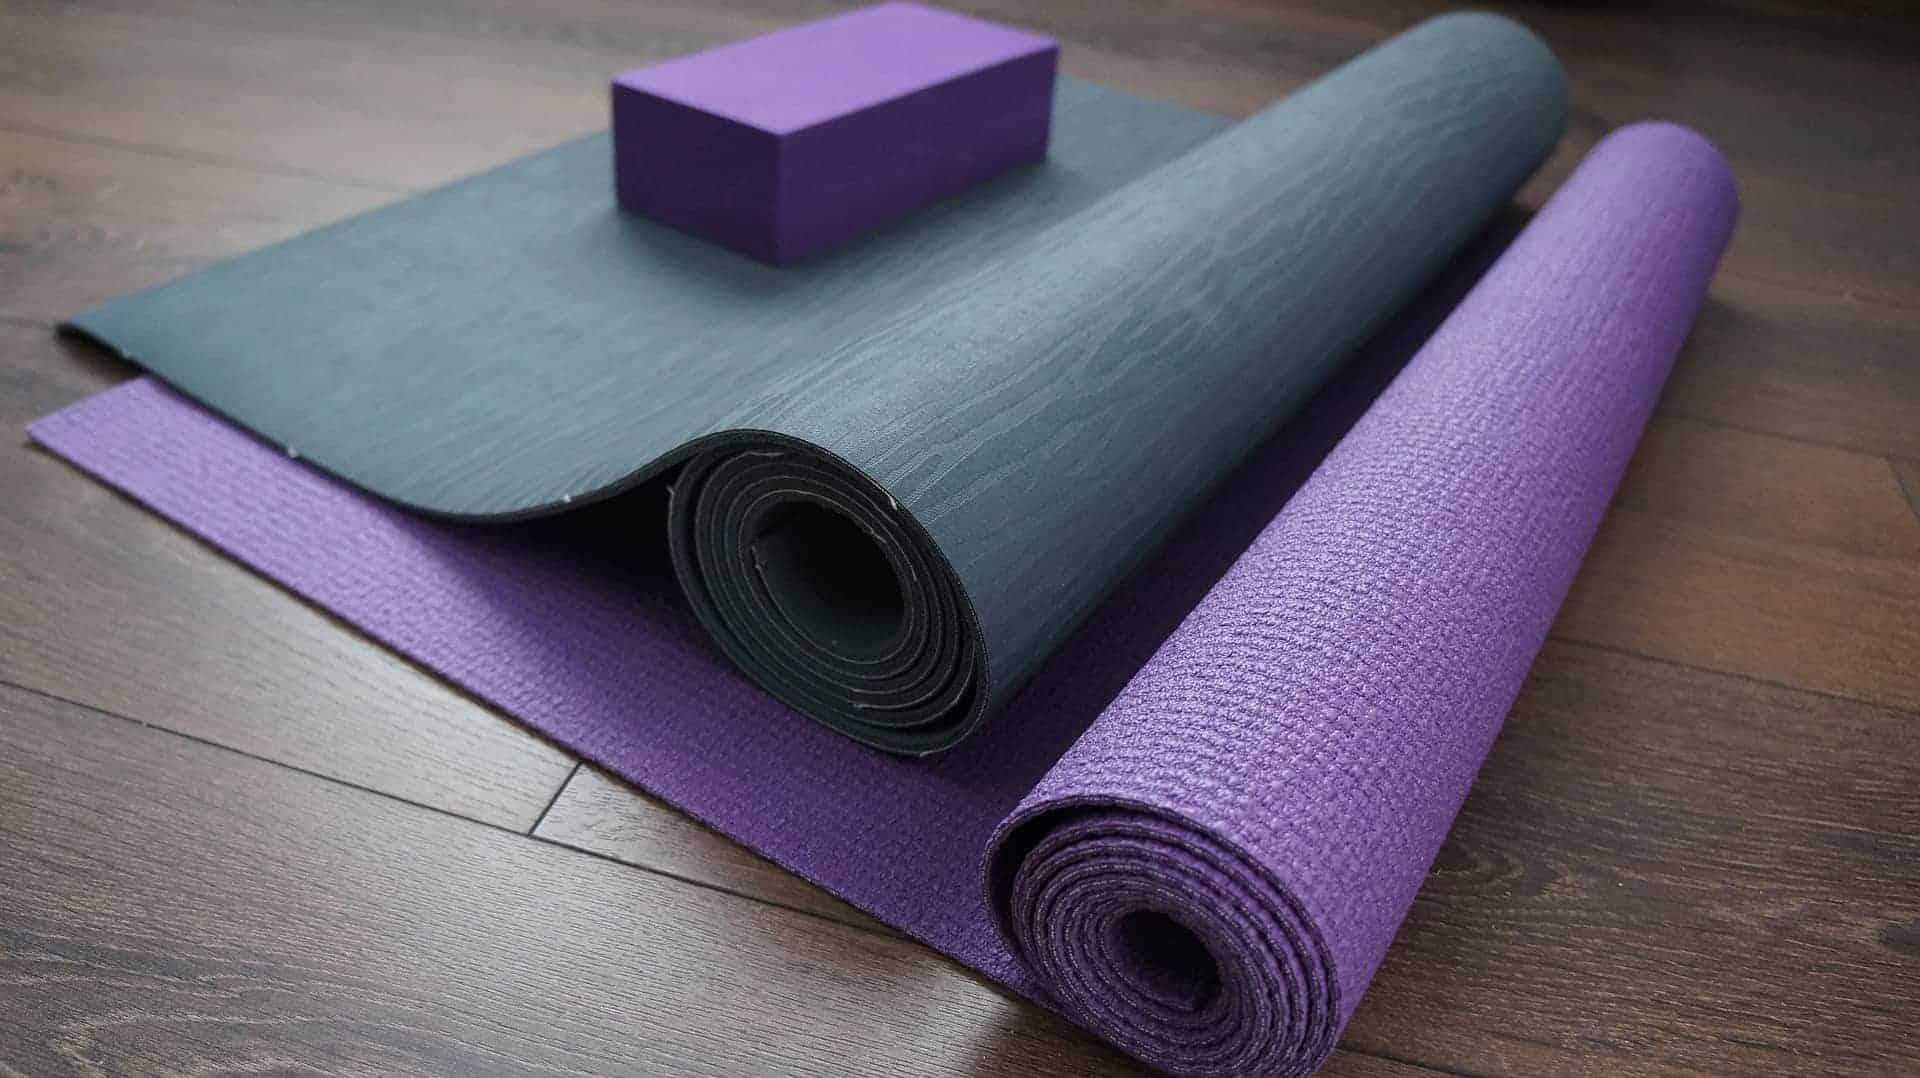 Aérer régulièrement son tapis de yoga